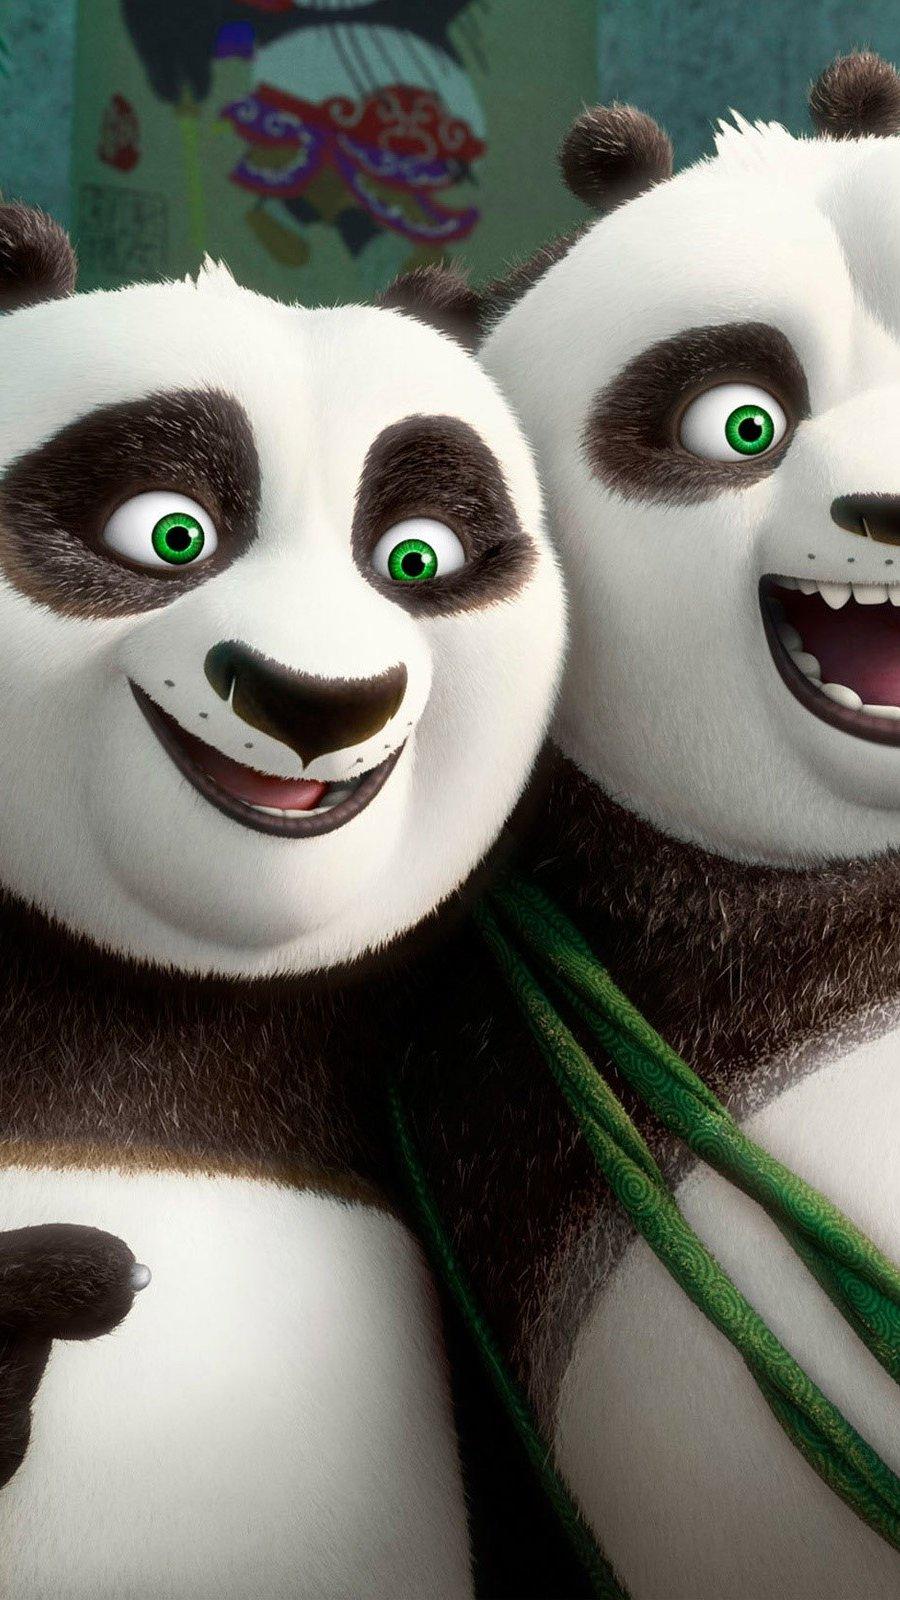 Fondos de pantalla Po y Li en Kung fu panda 3 Vertical